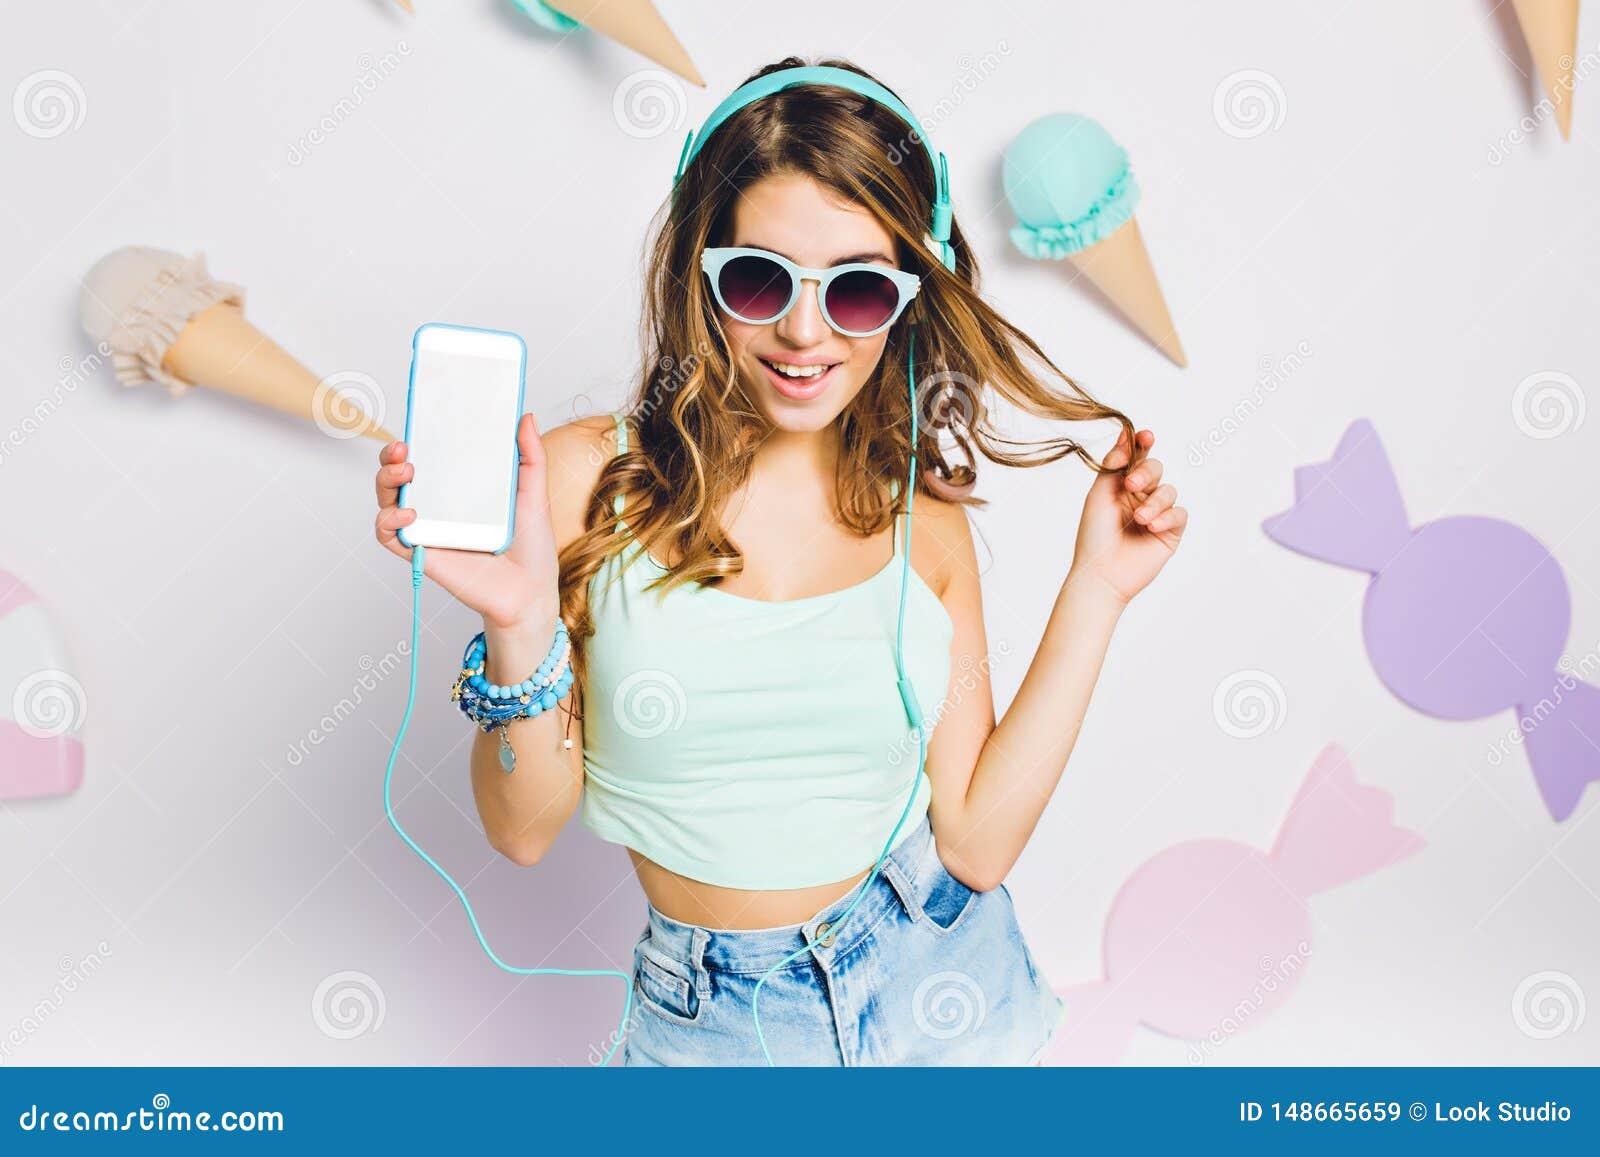 Frohes M?dchen in h?render Musik der blauen Zus?tze in ihrem Raum, Smartphone halten und spielen mit dem Haar Portrait von elegan